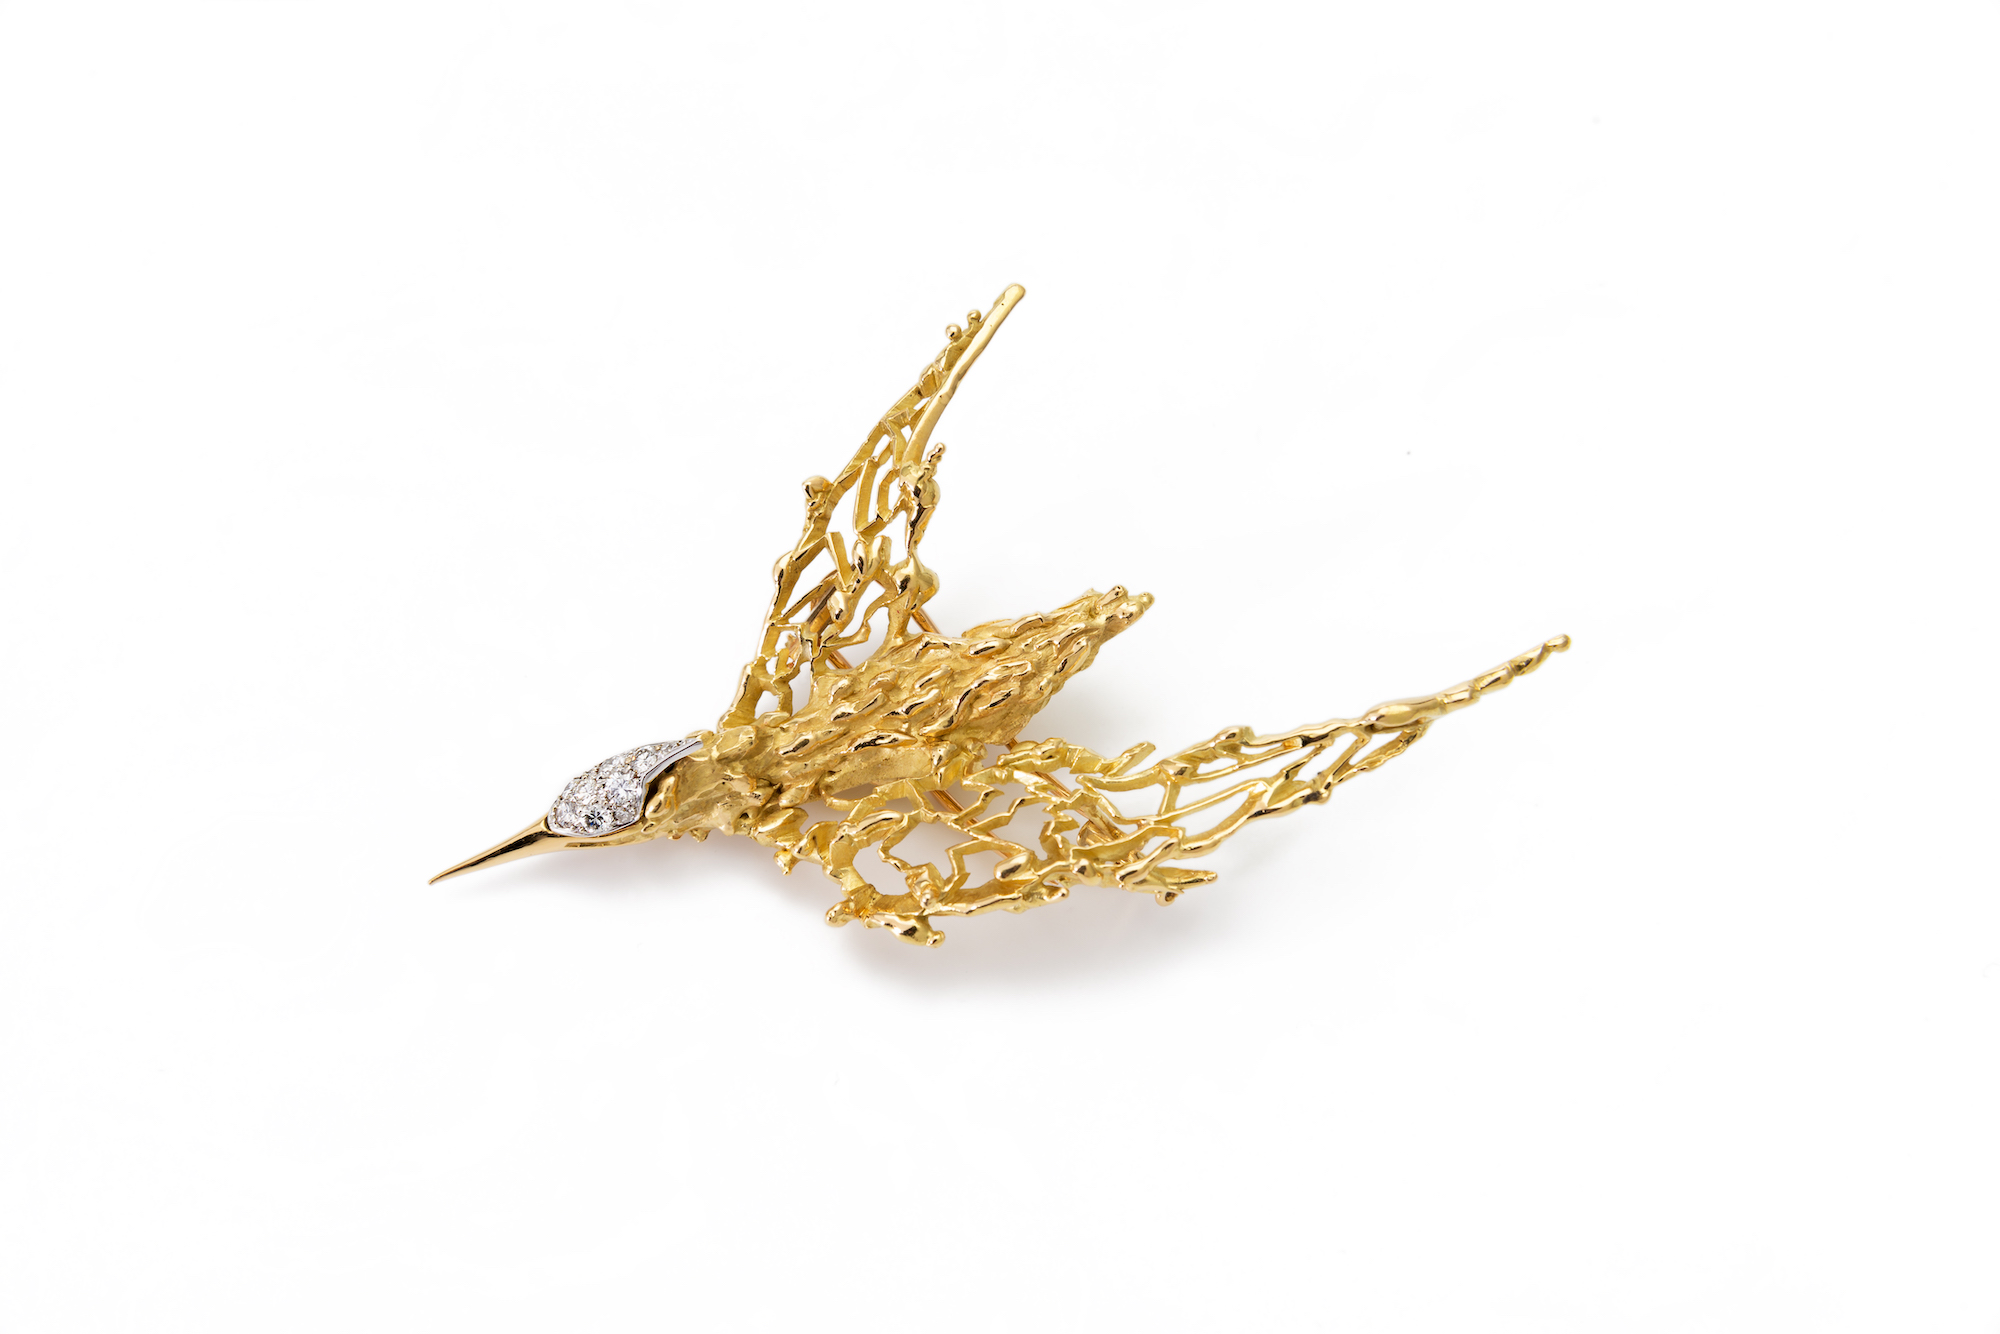 Goldbrosche in form eines fliegenden Vogels